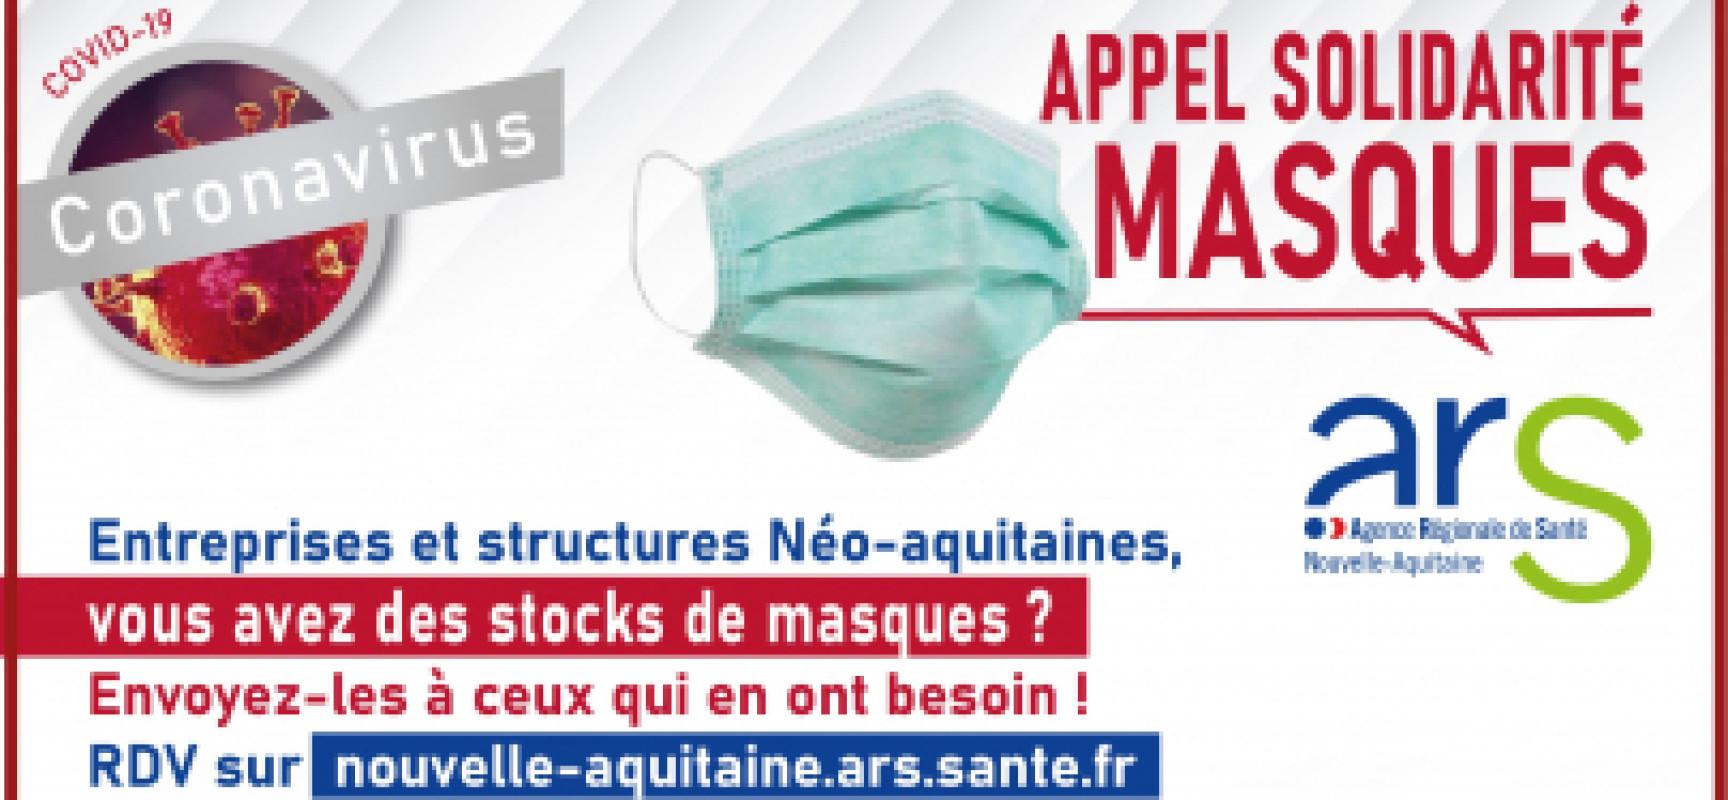 L'ARS lance un appel de solidarité auprès des entreprises pour collecter des stocks de masques chirurgicaux